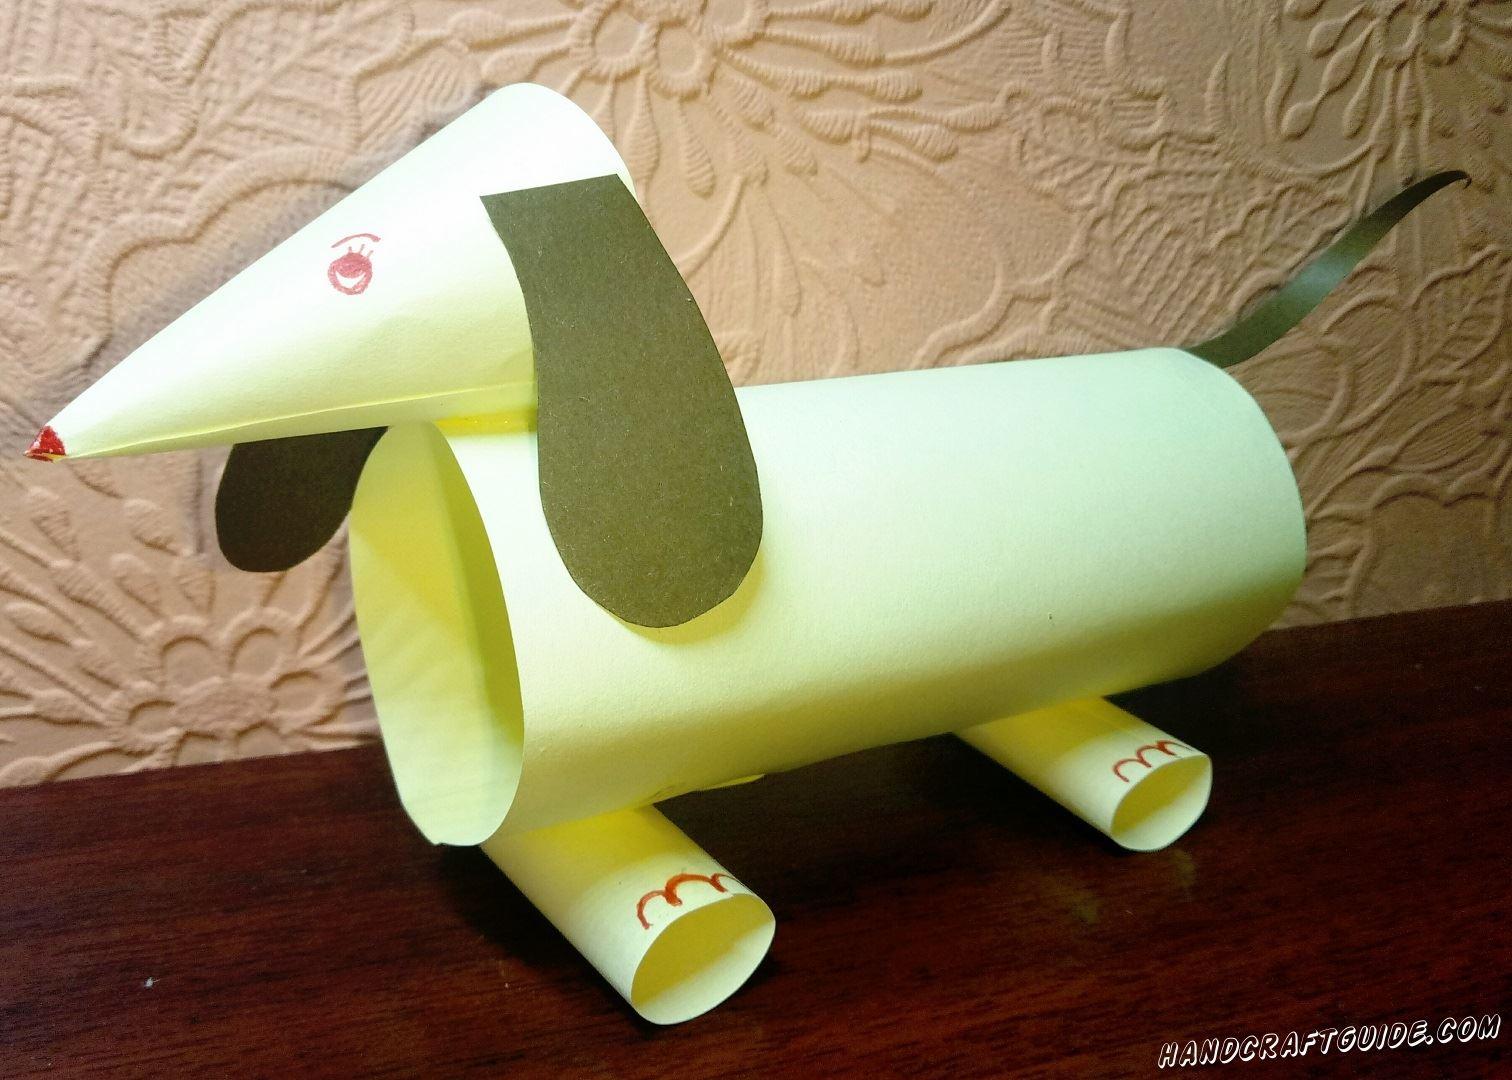 Собачка, выполненная из бумажных трубочек, станет вашим отличным другом и помощником.